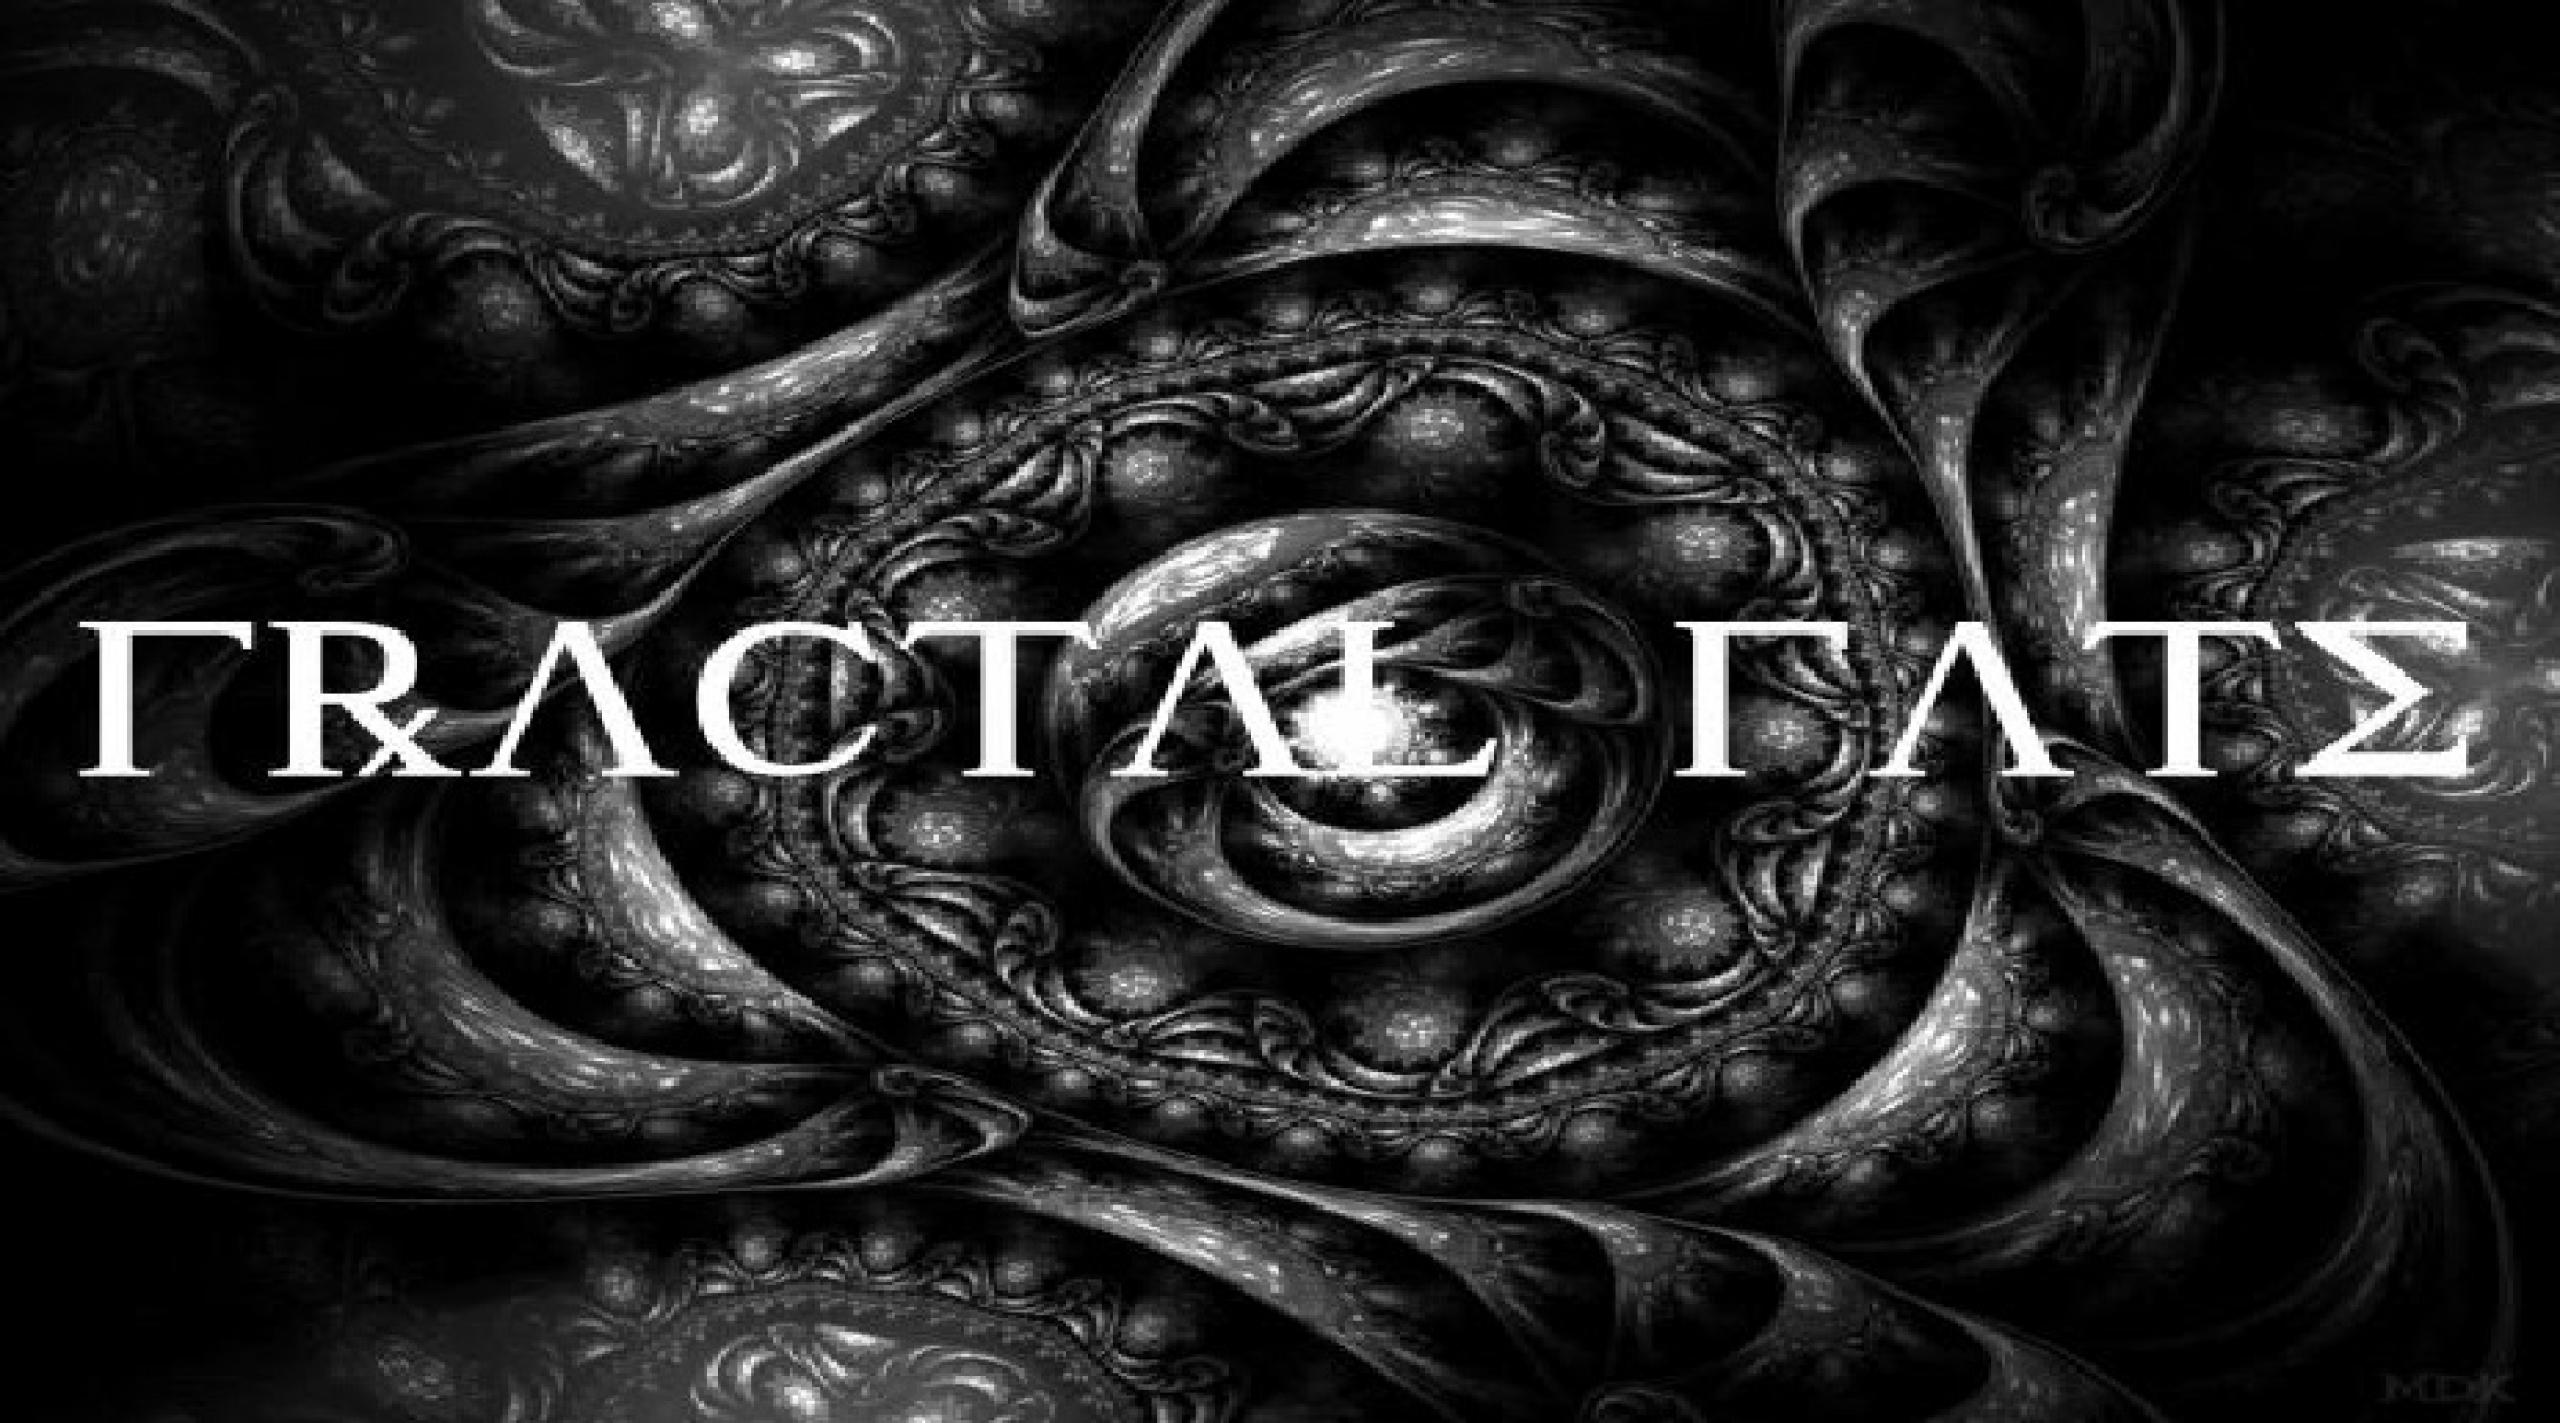 """Resultado de imagen de matematica imagenes de fractal"""""""